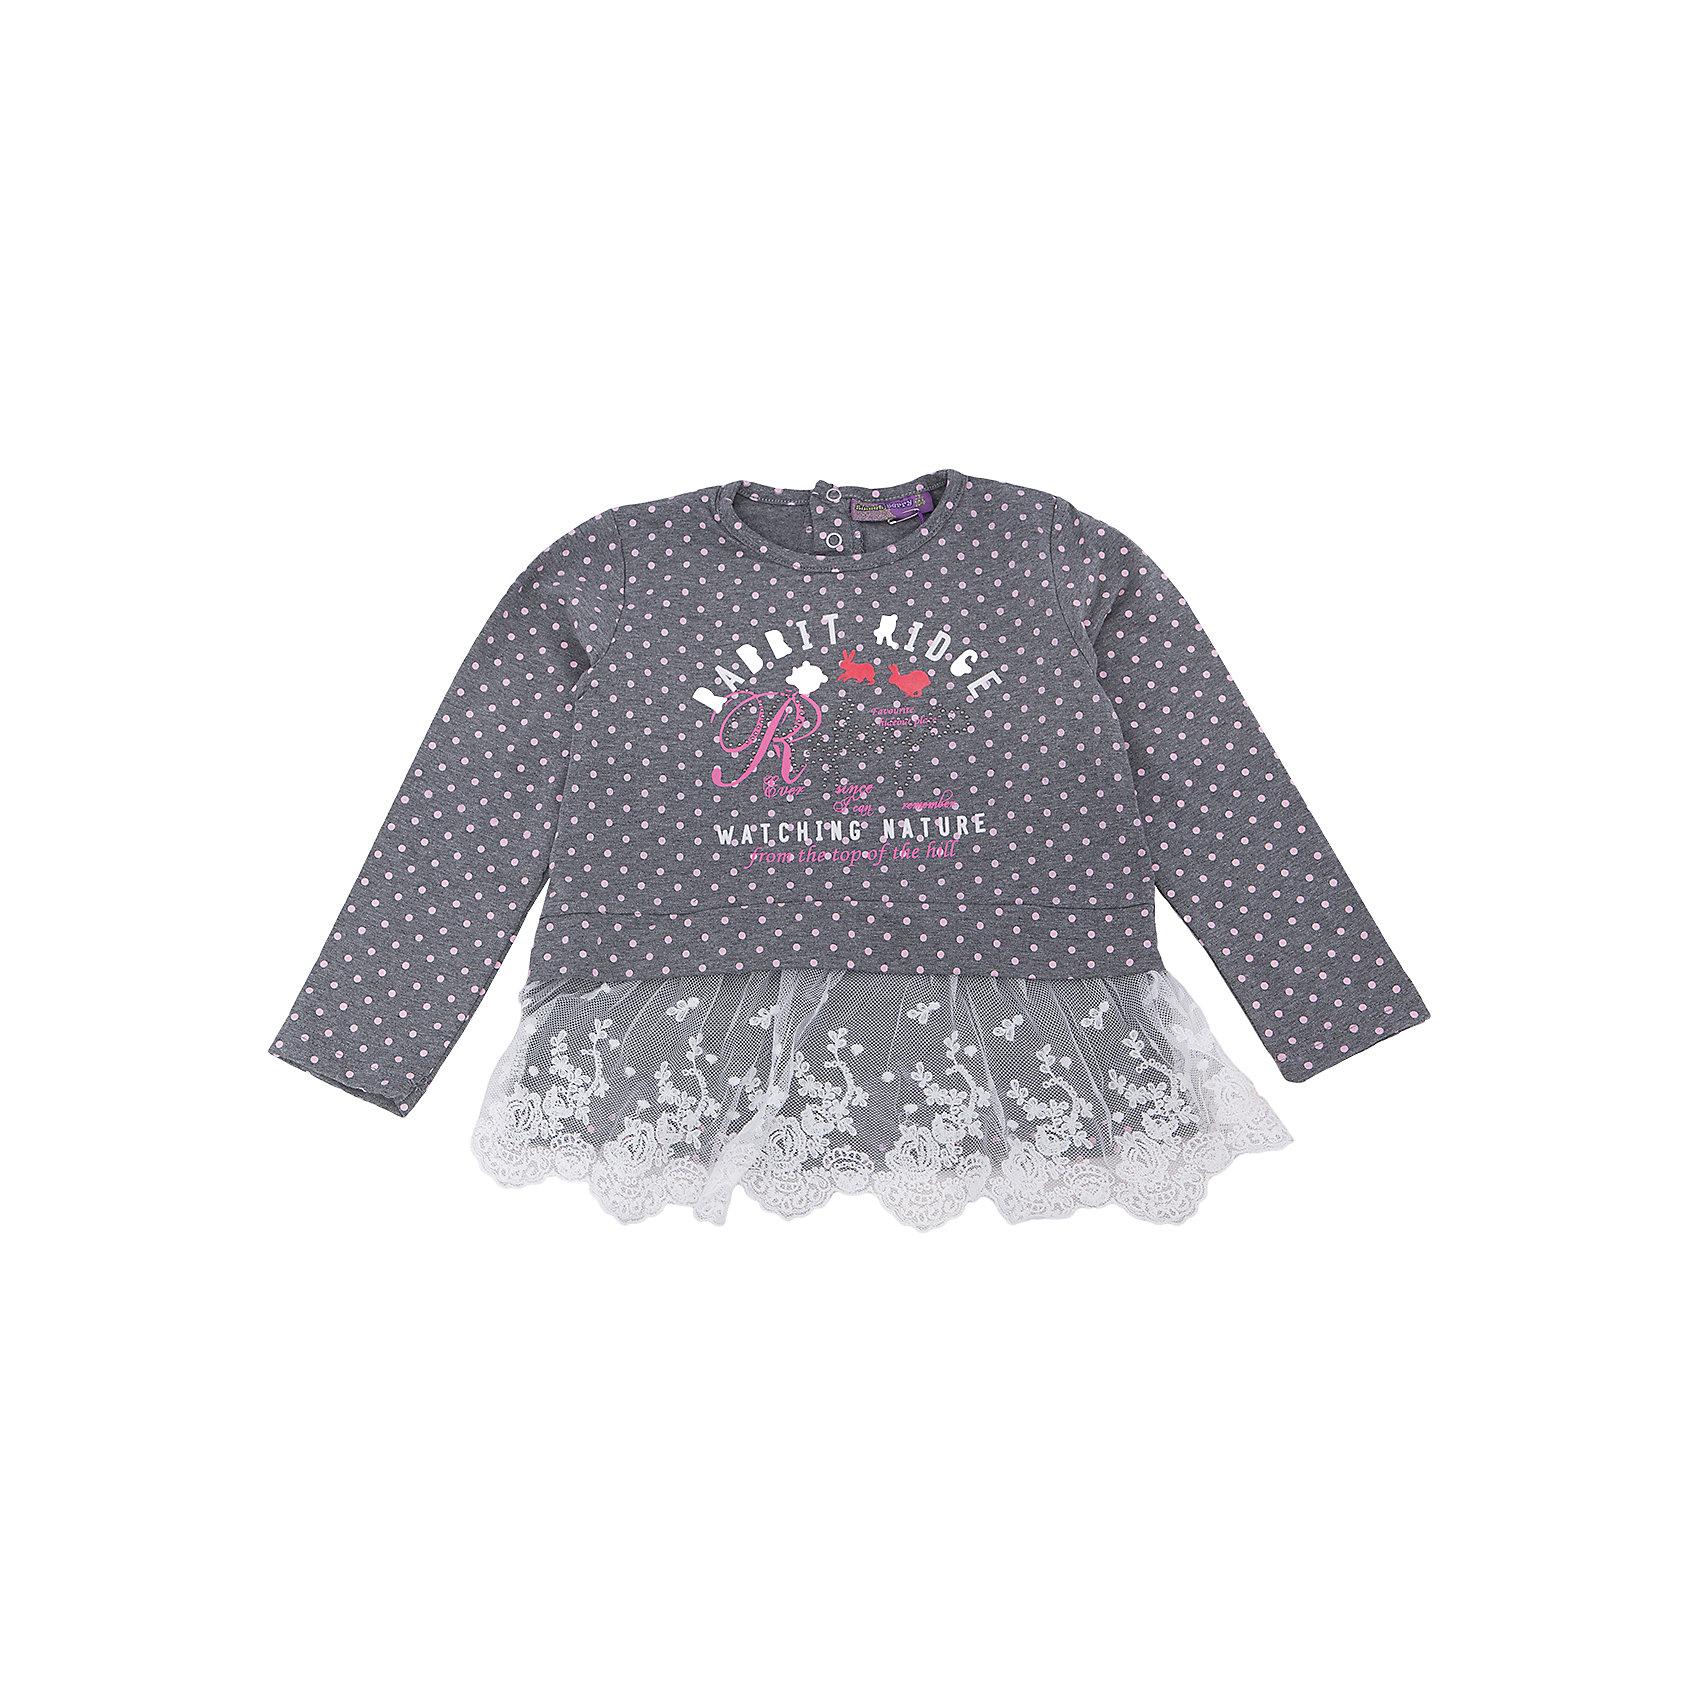 Футболка с длинным рукавом для девочки Sweet BerryФутболки с длинным рукавом<br>Комфорт и стиль – две главные составляющие детской одежды. Футболка с длинным рукавом – модная вещь, которая способна одновременно создать стильный образ и защитить от осенних холодов маленького ребенка. Уникальная особенность модели – интересная отделка кружевом контрастного цвета по низу футболки. С ним кофта выглядит нарядно и совсем не скучно. Универсальный крой поможет создать множество образов. Материалы, использованные при изготовлении одежды, полностью безопасны для детей и отвечают всем требованиям по качеству продукции данной категории.<br><br>Дополнительная информация:<br><br>модный принт;<br>кружевная отделка;<br>прямой силуэт;<br>цвет: темно-серый;<br>материал: хлопок 95%, эластан 5%.<br><br>Футболку с длинным рукавом для девочки от компании Sweet Berry можно приобрести в нашем магазине.<br><br>Ширина мм: 230<br>Глубина мм: 40<br>Высота мм: 220<br>Вес г: 250<br>Цвет: серый<br>Возраст от месяцев: 48<br>Возраст до месяцев: 60<br>Пол: Женский<br>Возраст: Детский<br>Размер: 104,116,122,128,110,98<br>SKU: 4931890